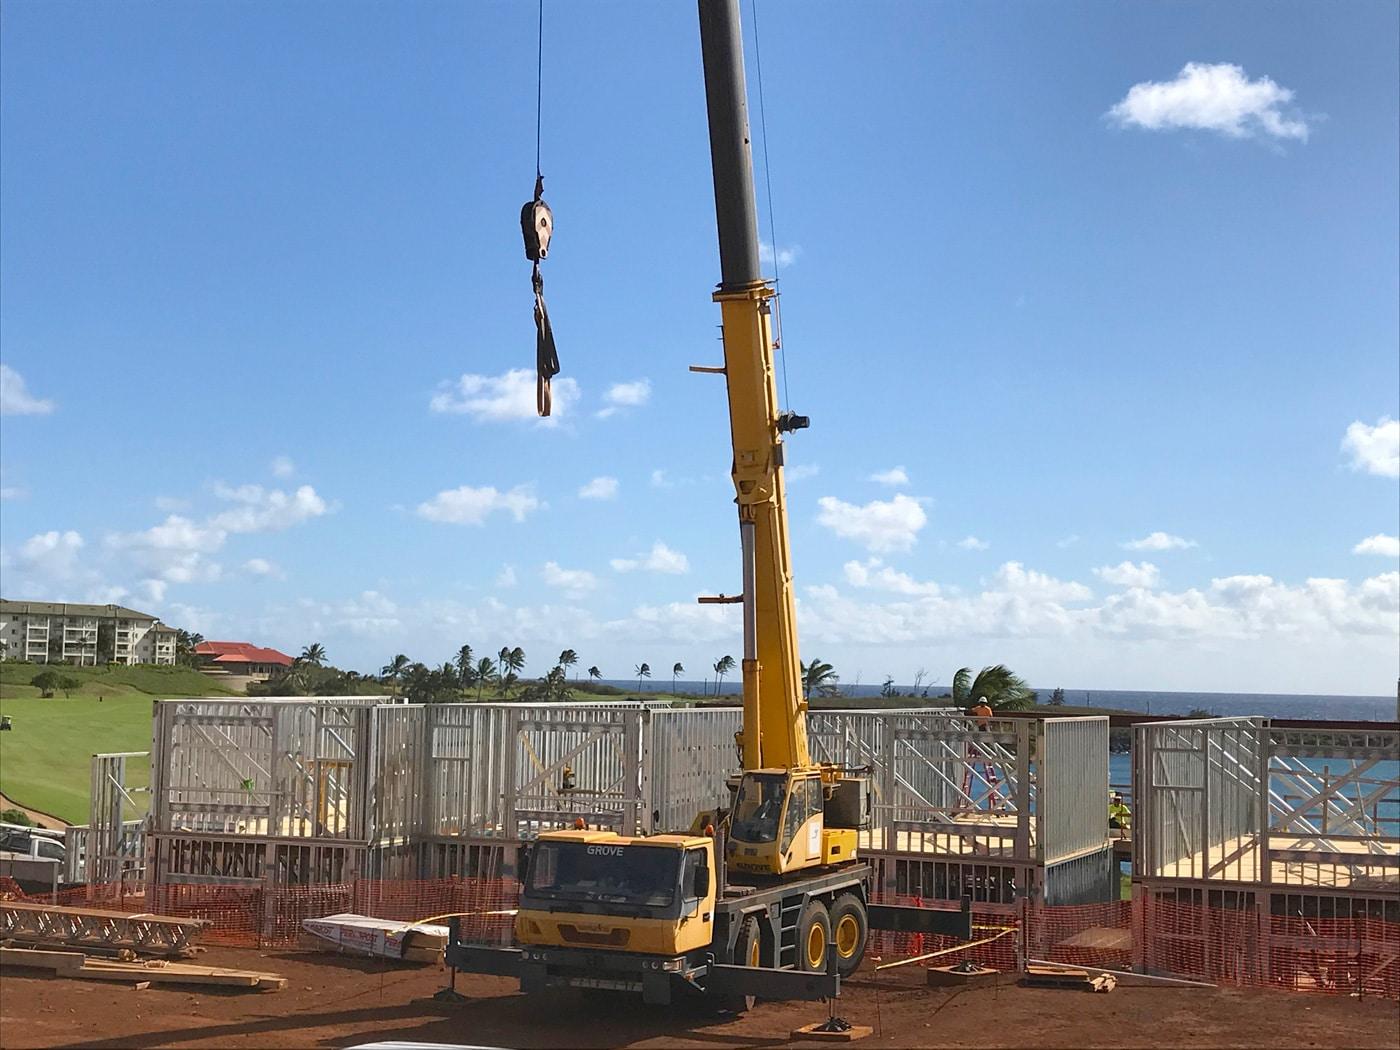 Hokuala Timbers Resort Kauai